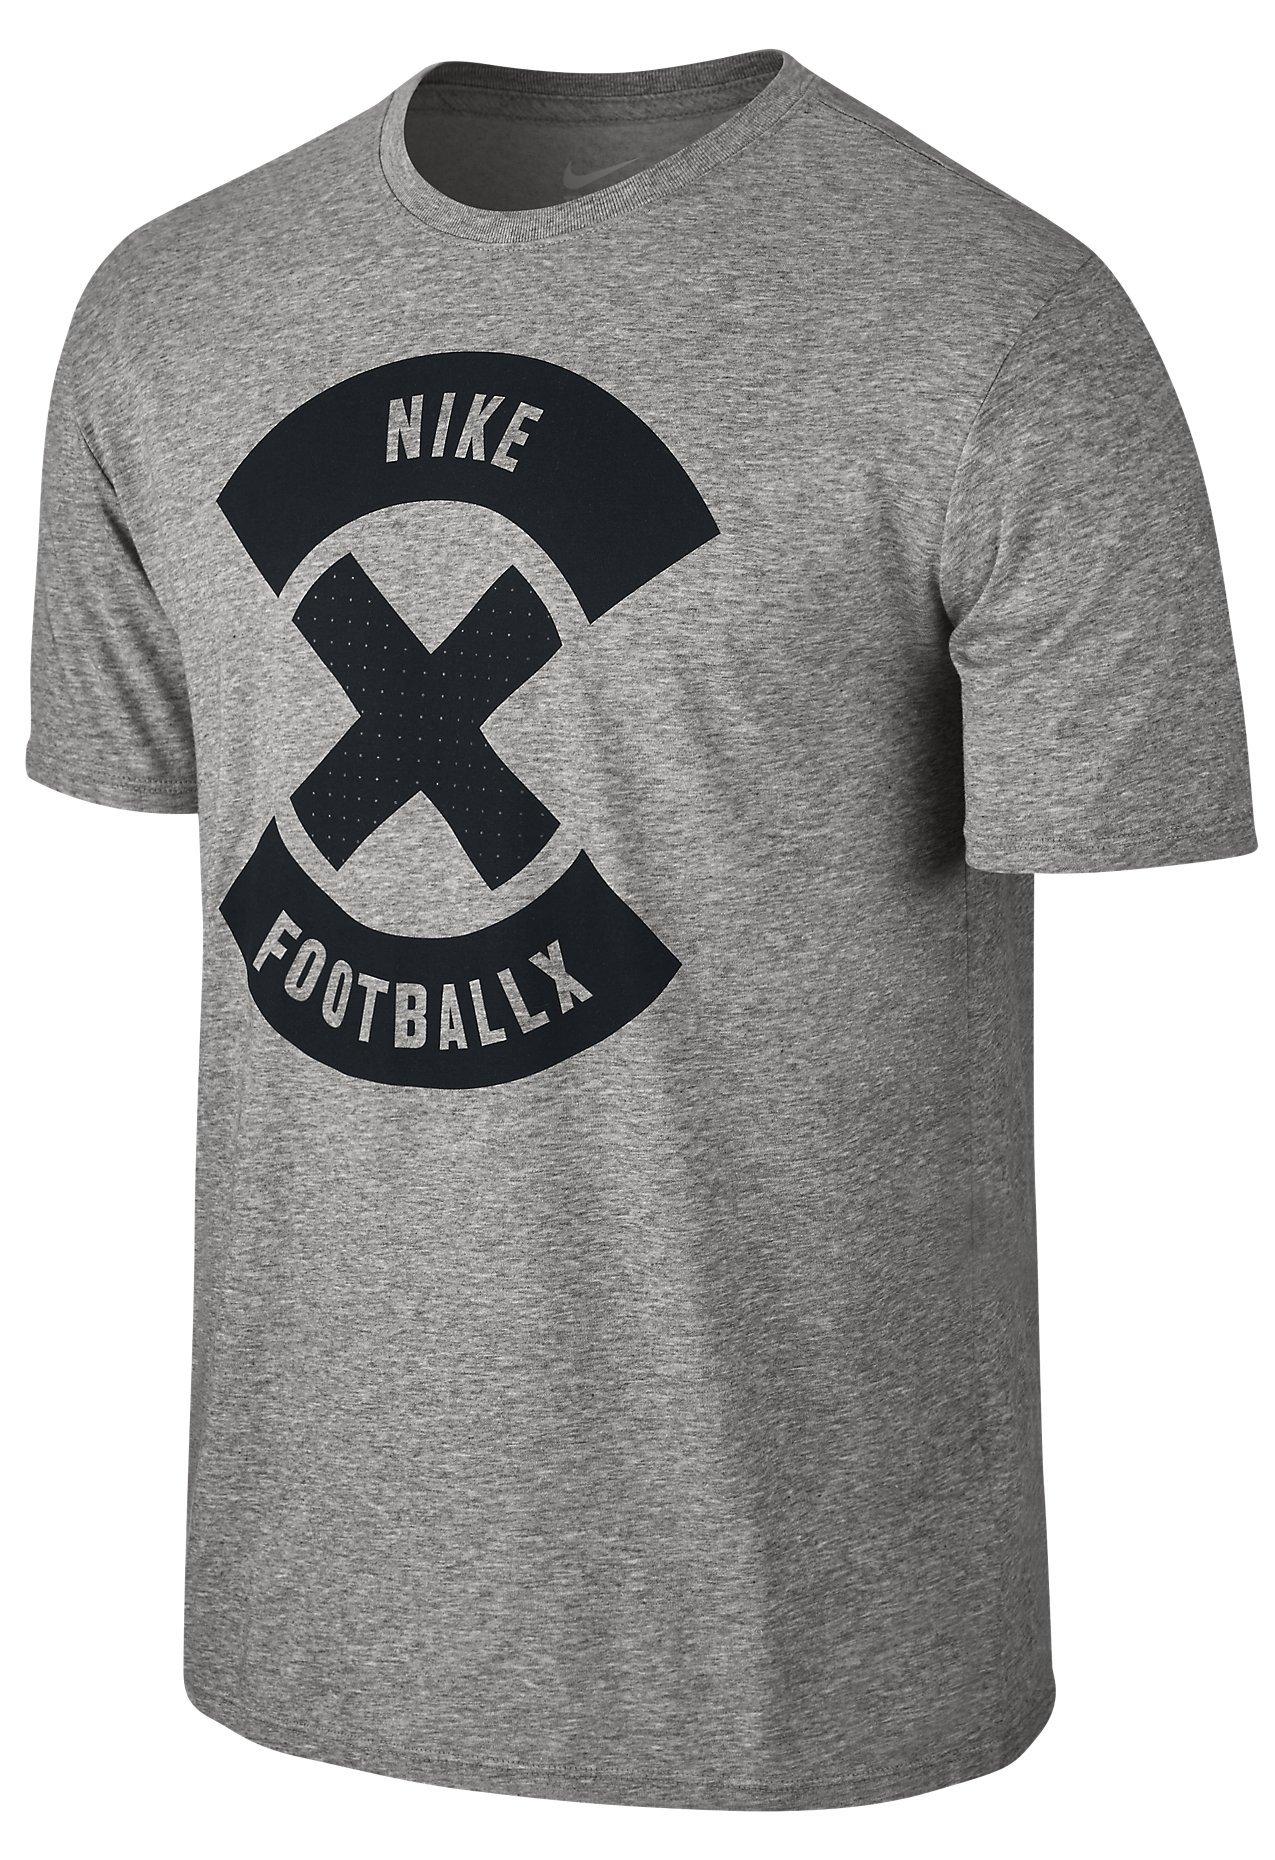 Triko Nike FOOTBALL X TEE